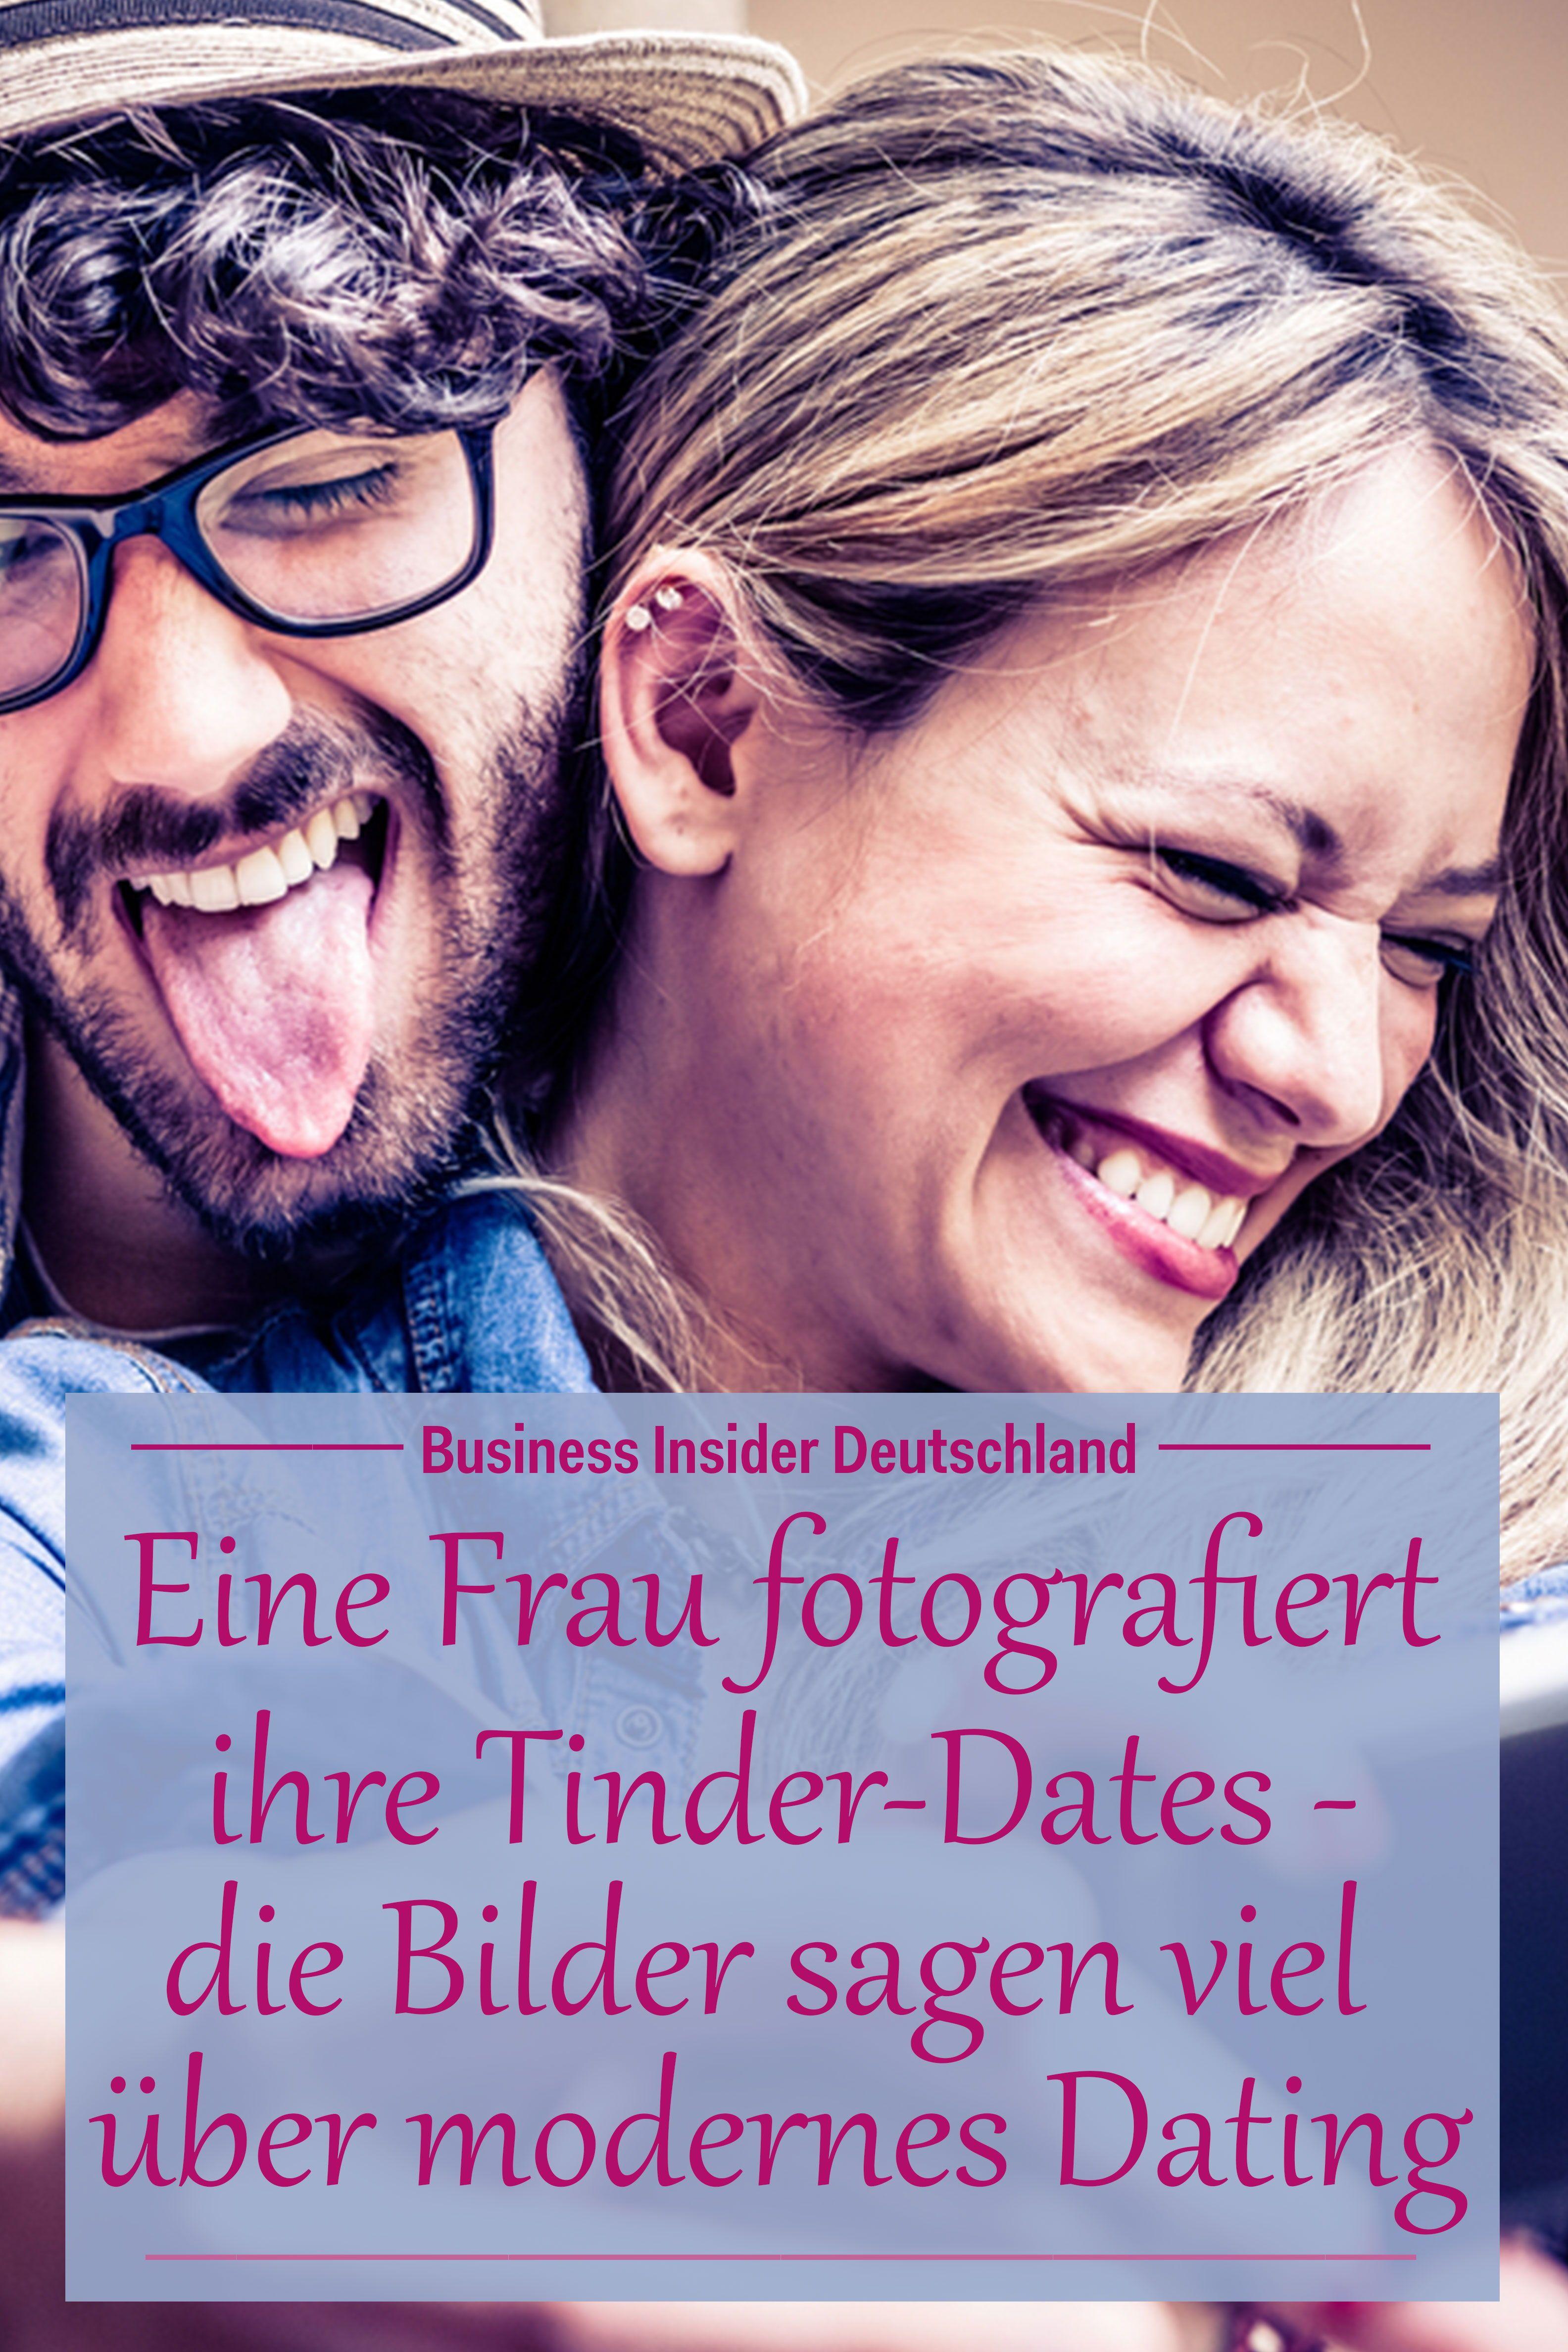 Dating von Tinder Anonymer